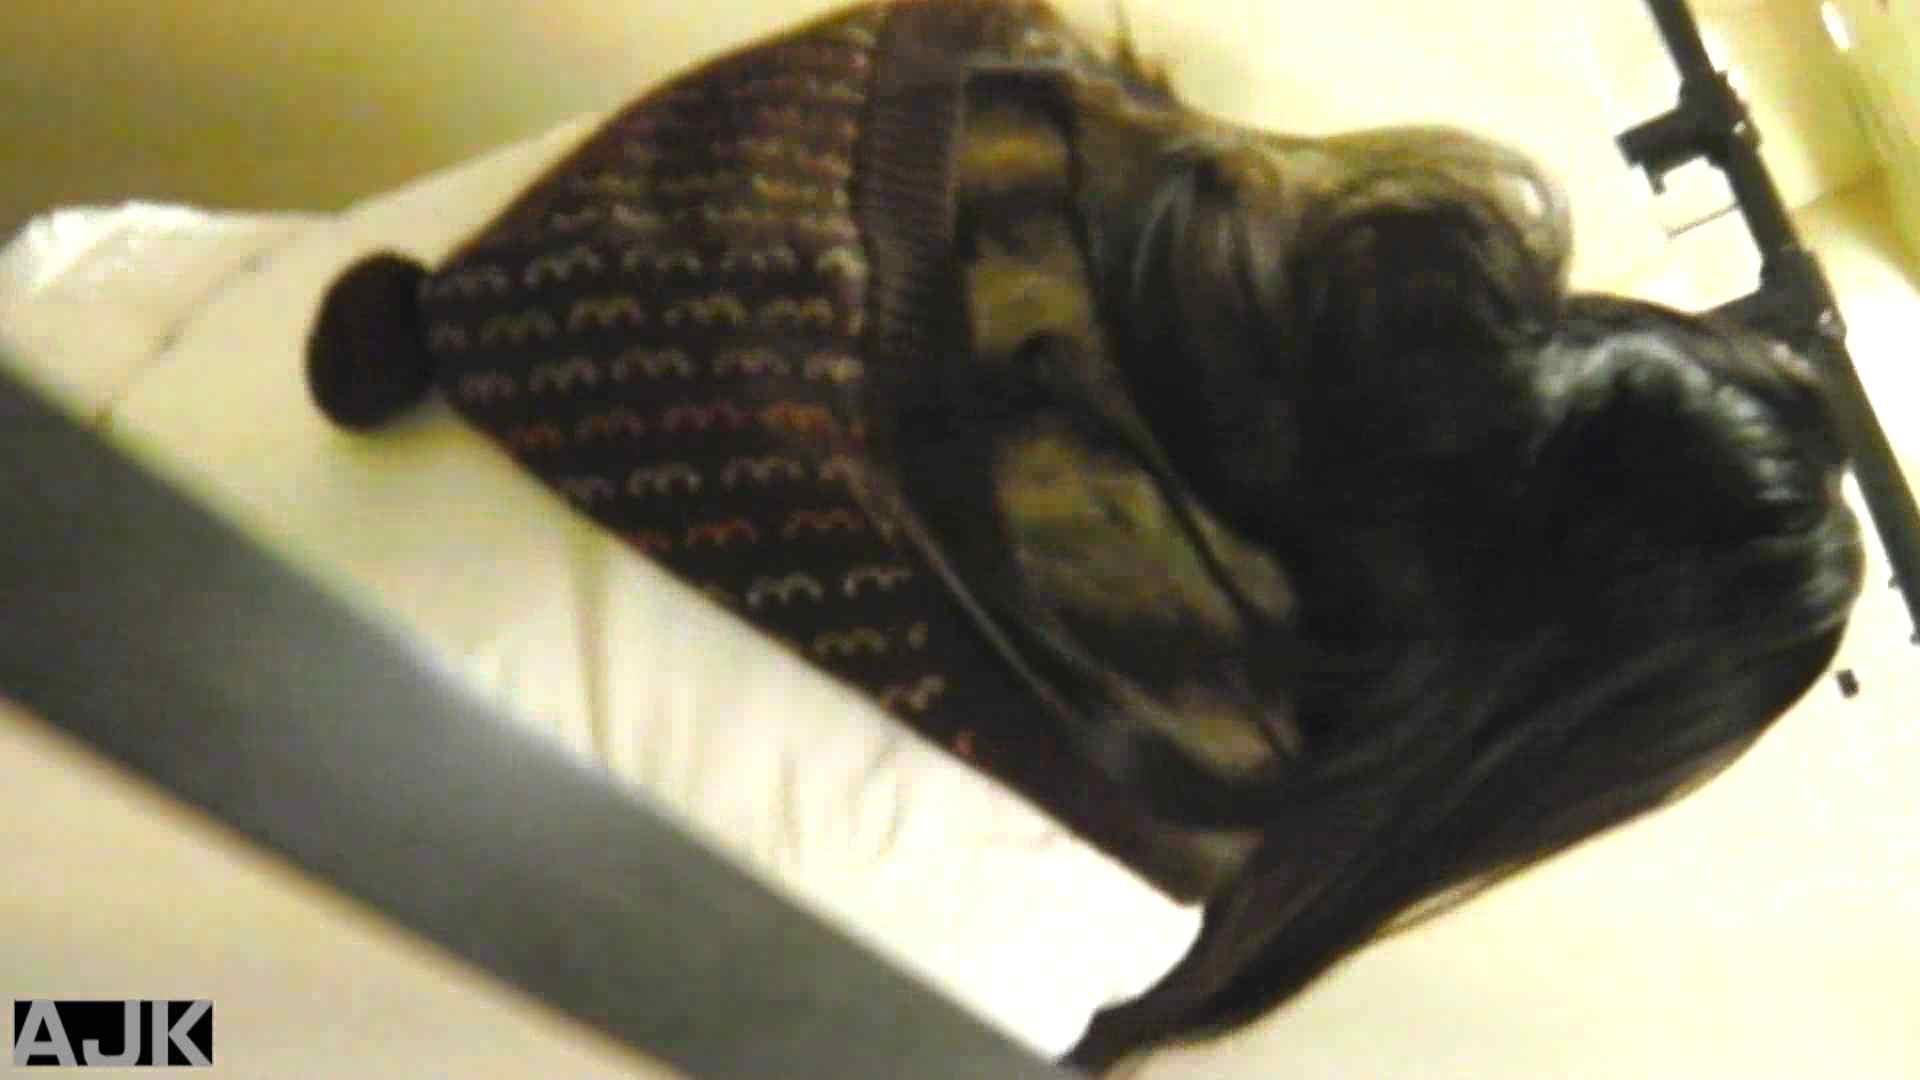 隣国上階級エリアの令嬢たちが集うデパートお手洗い Vol.02 おまんこ おめこ無修正動画無料 52画像 32